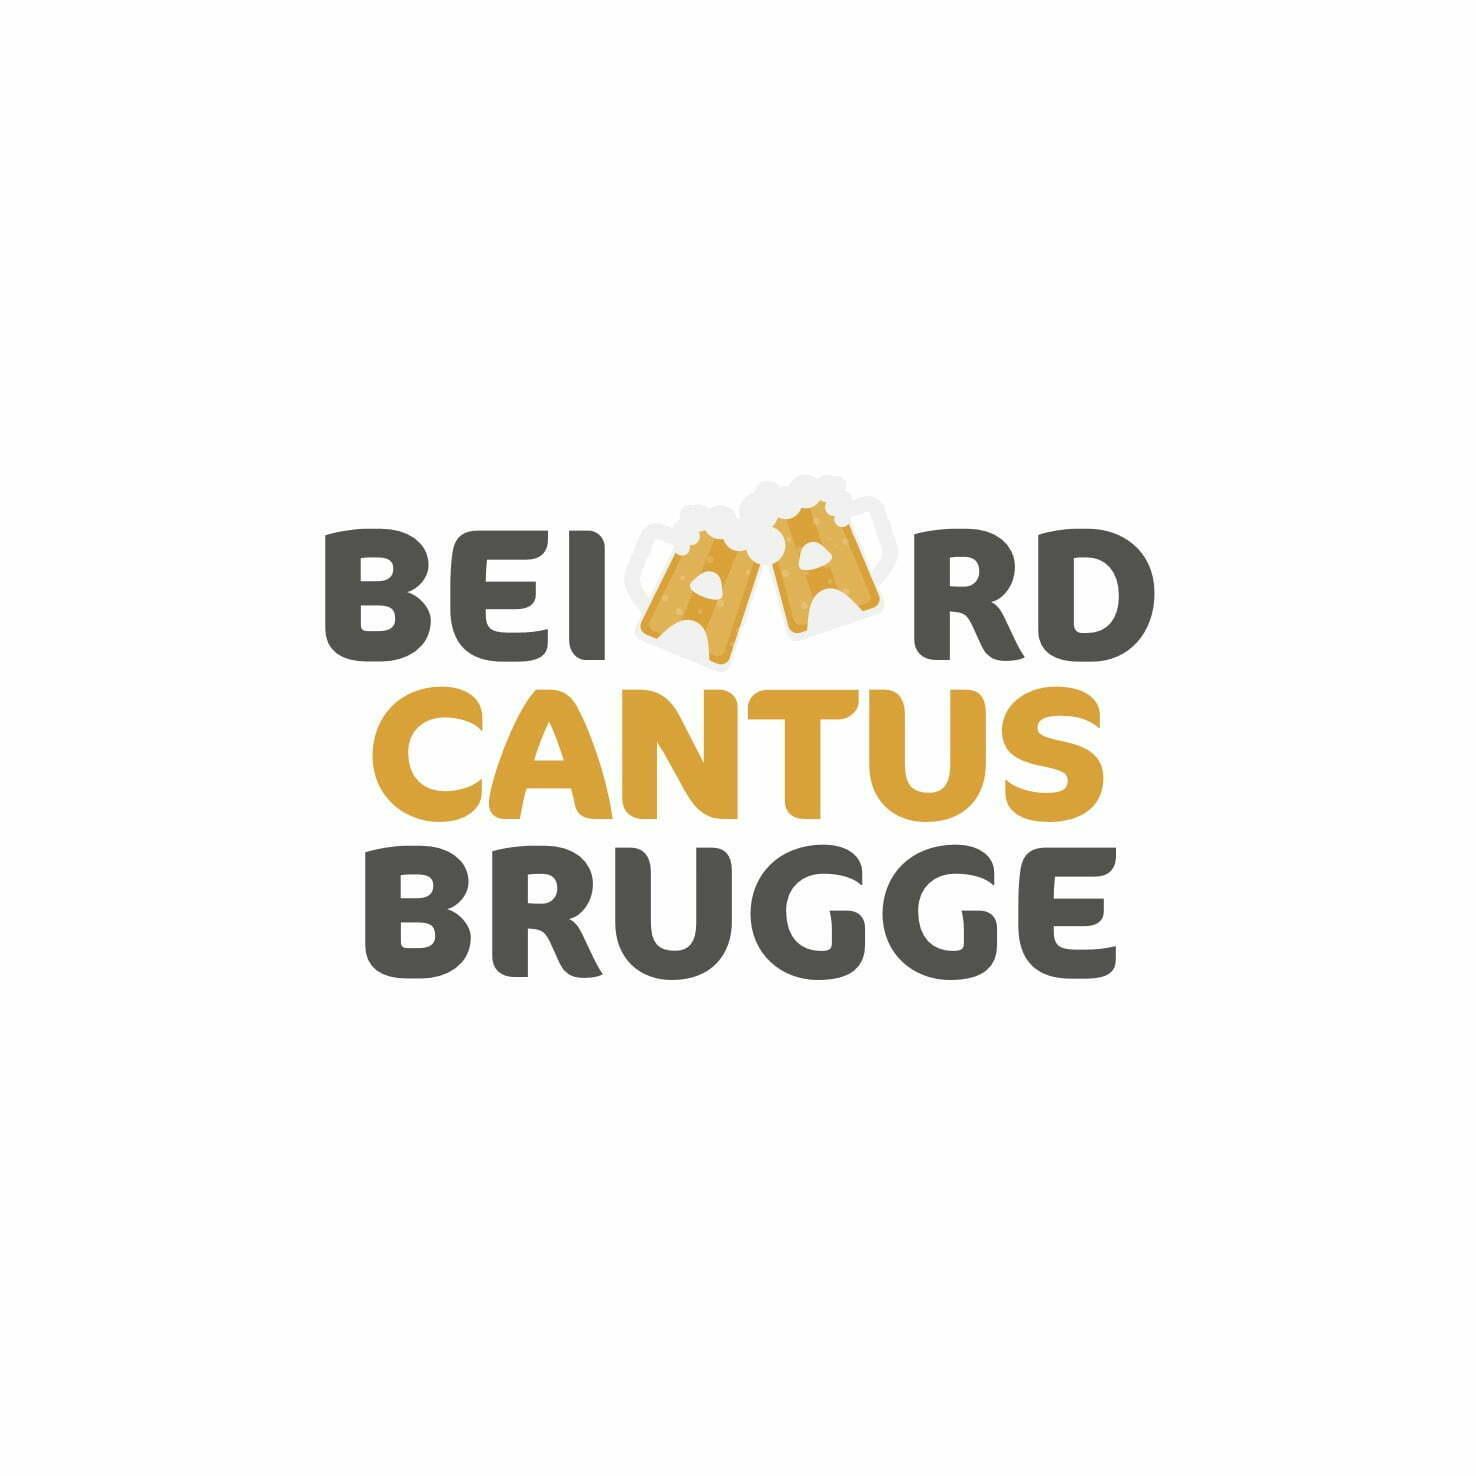 Beiaardcantus Brugge